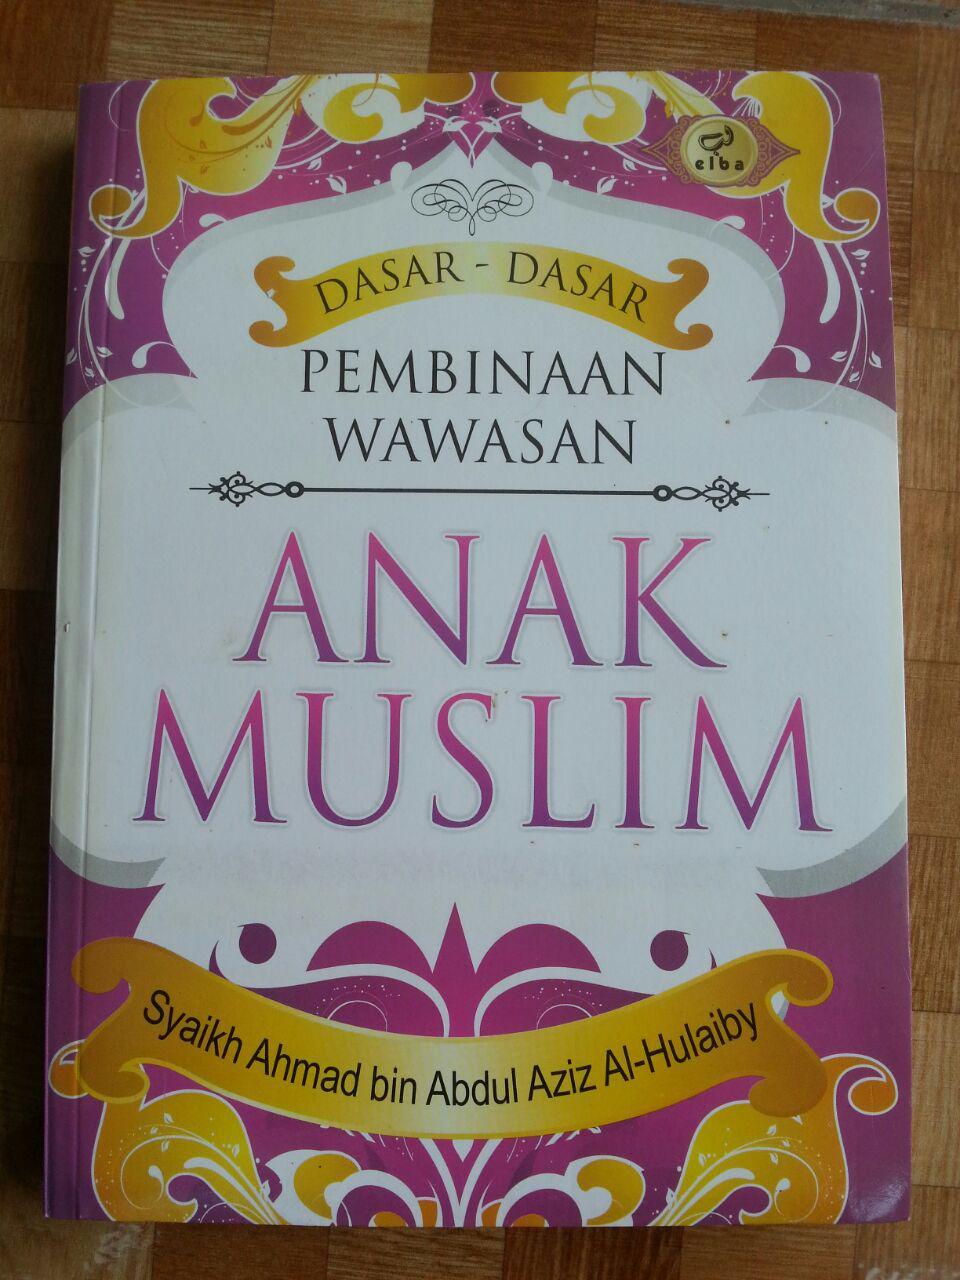 Buku Dasar-Dasar Pembinaan Wawasan Anak Muslim cover 2